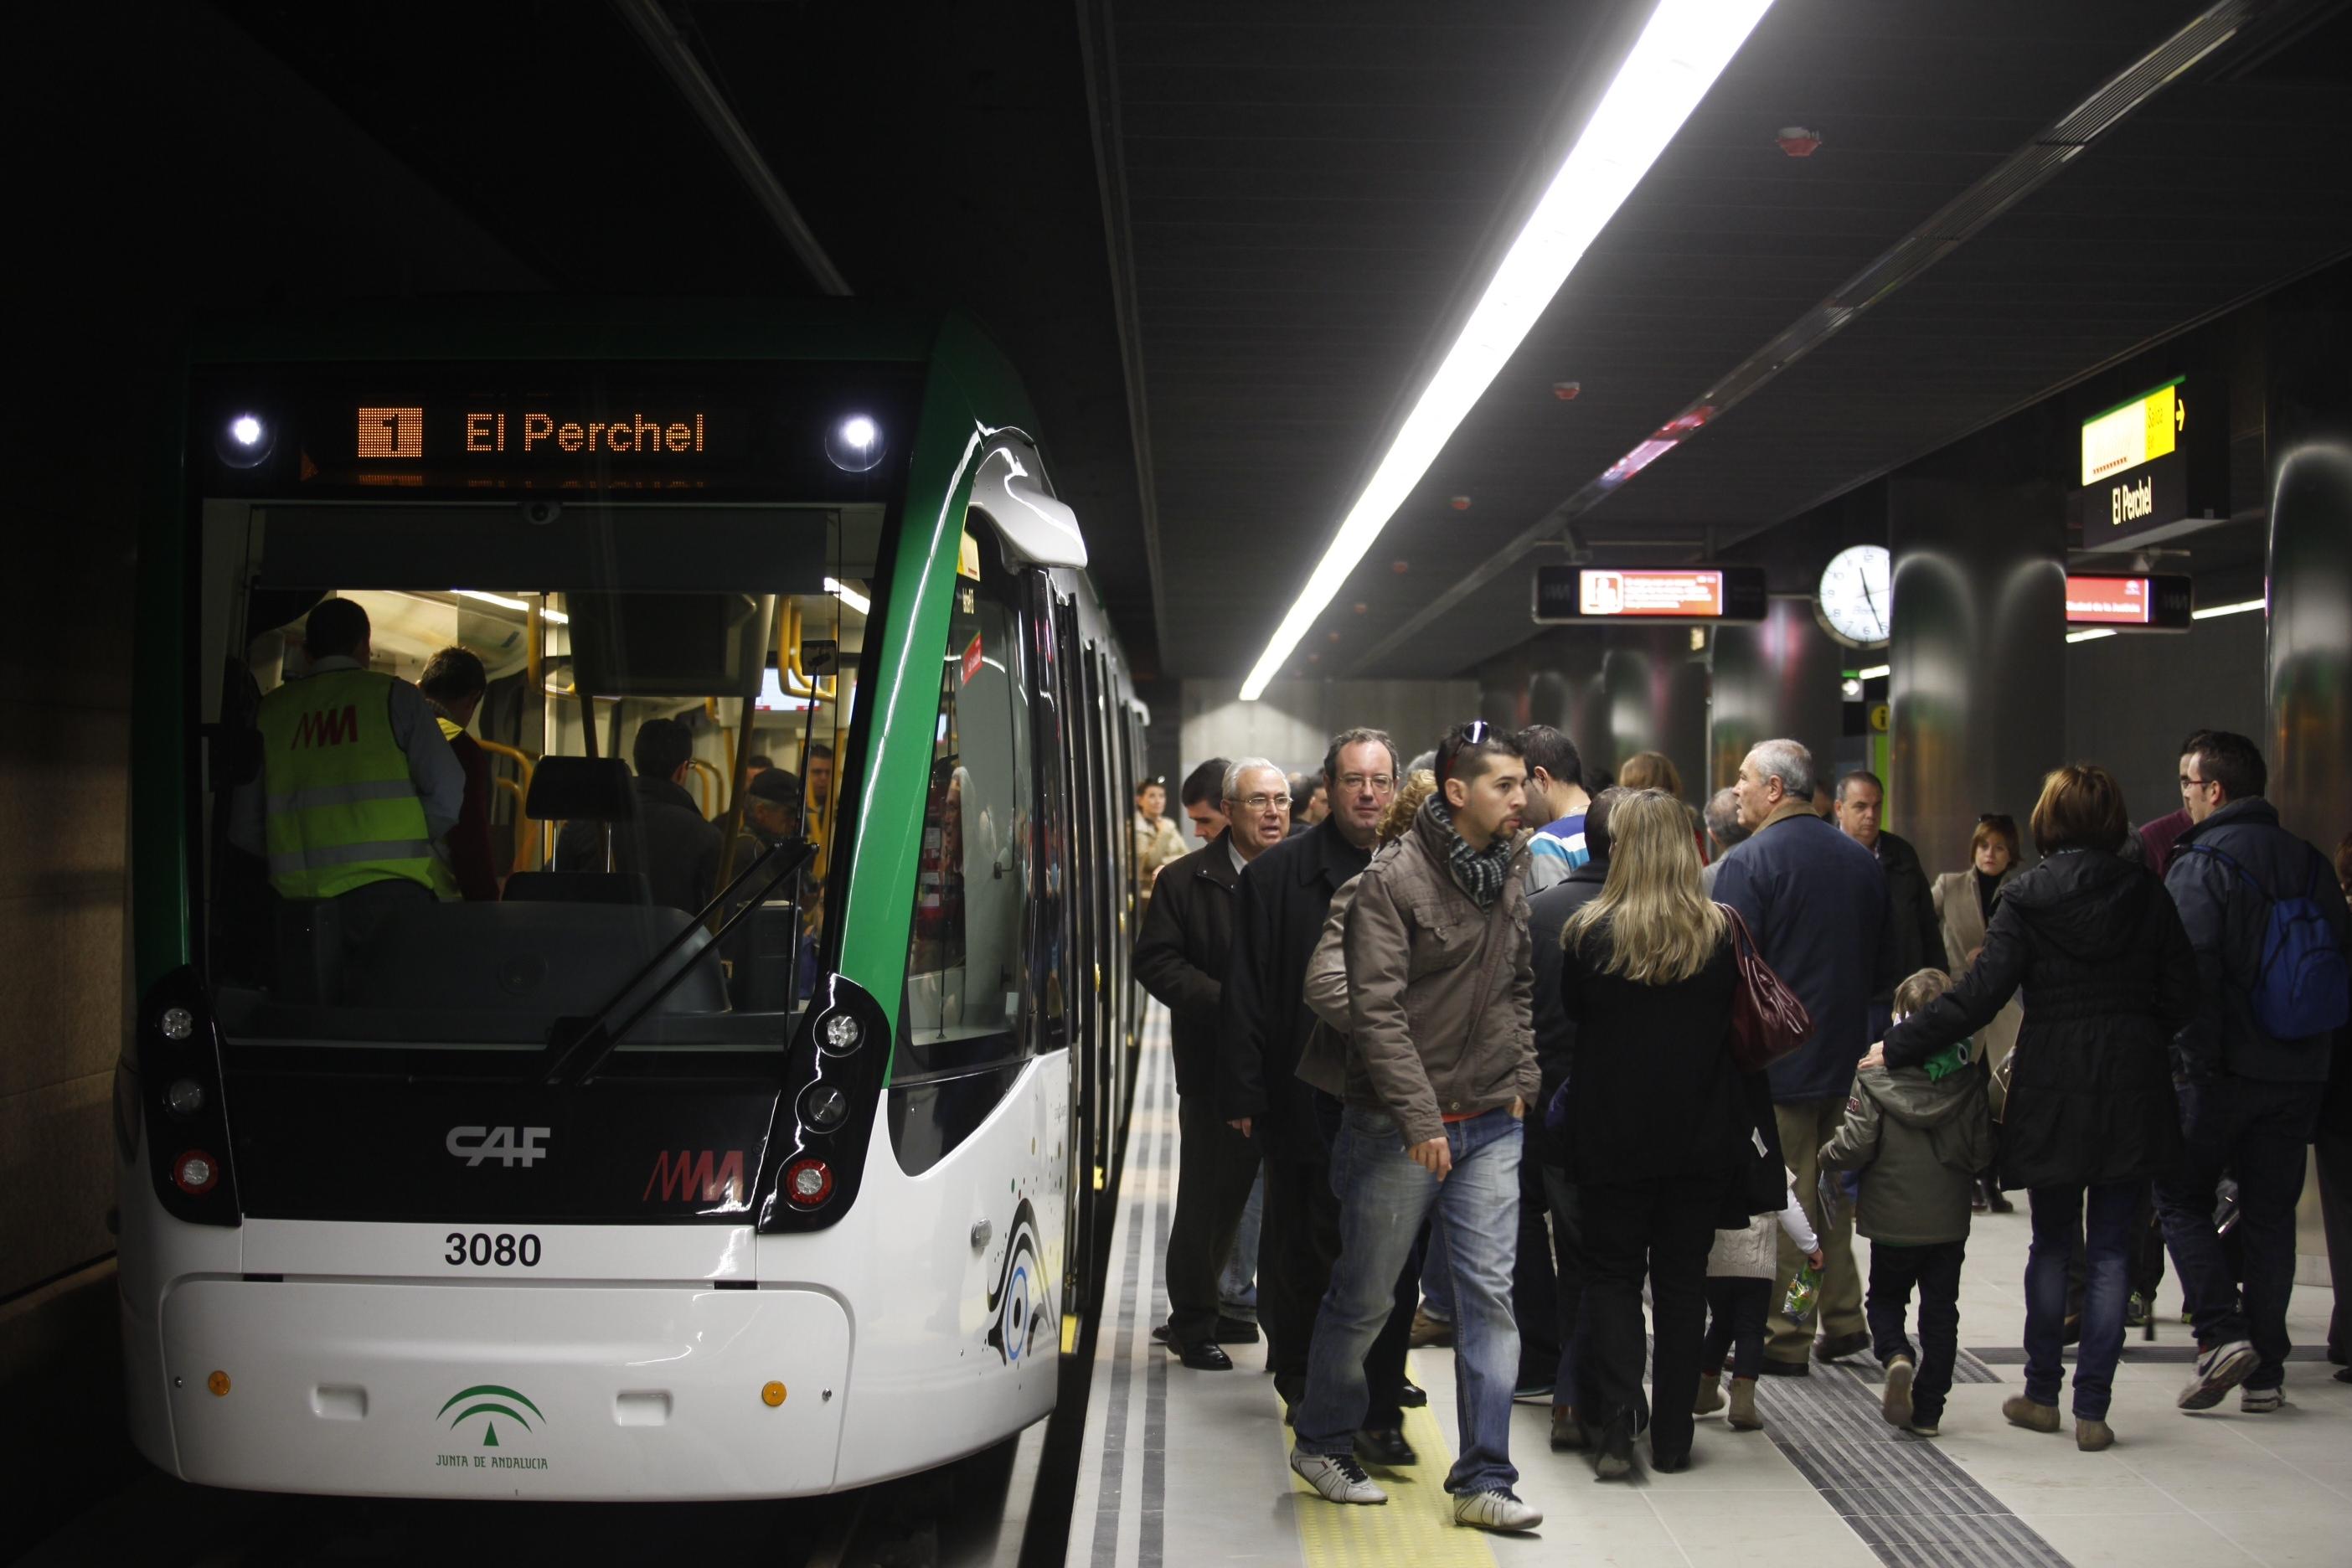 Las dos jornadas de noviembre y diciembre en el Metro han arrojado más de 13.000 visitantes.